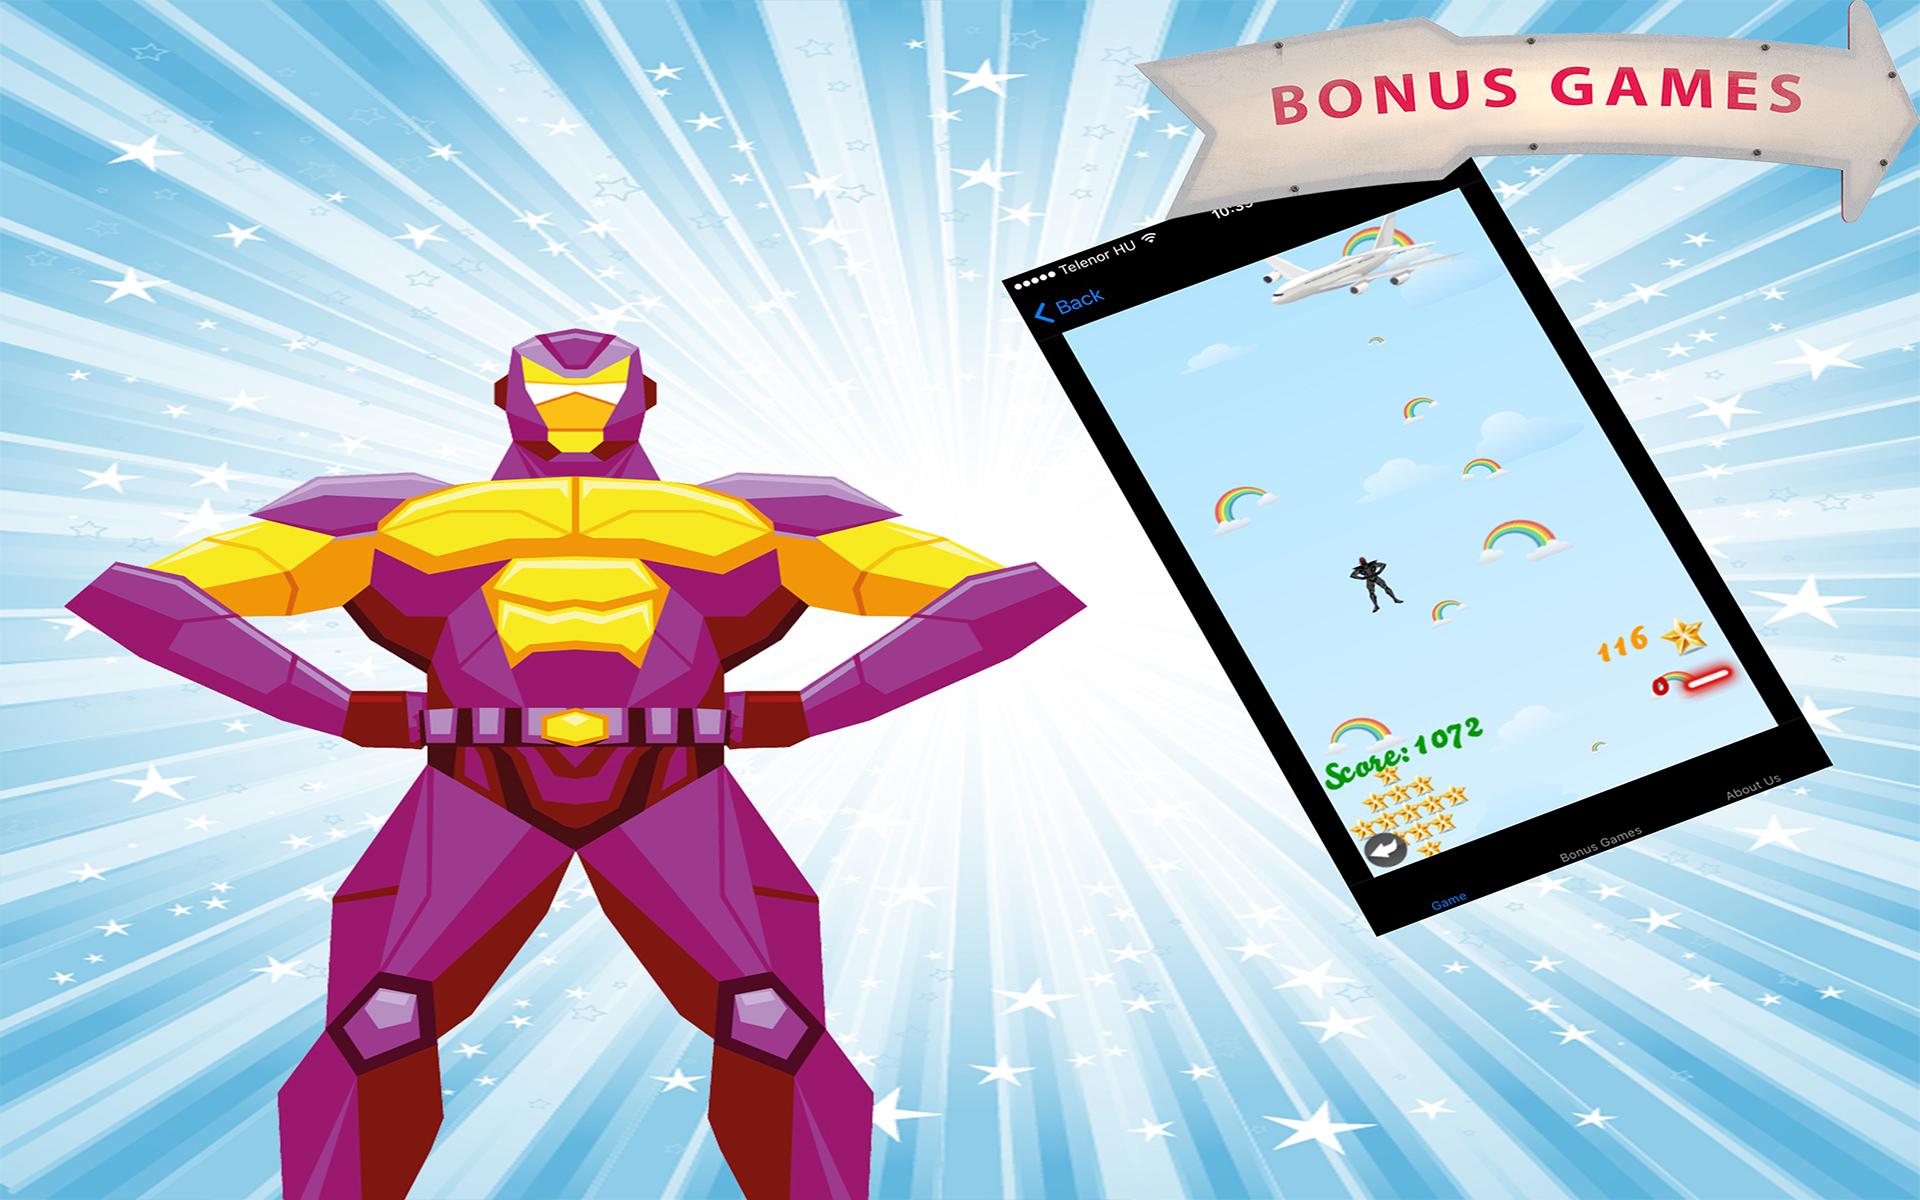 〜 エキサイティング スーパー ヒーロー ゲーム ために 子供たち 無料: スーパー ヒーロー パズル ゲーム ために 幼児、 男の子 そして 女の子